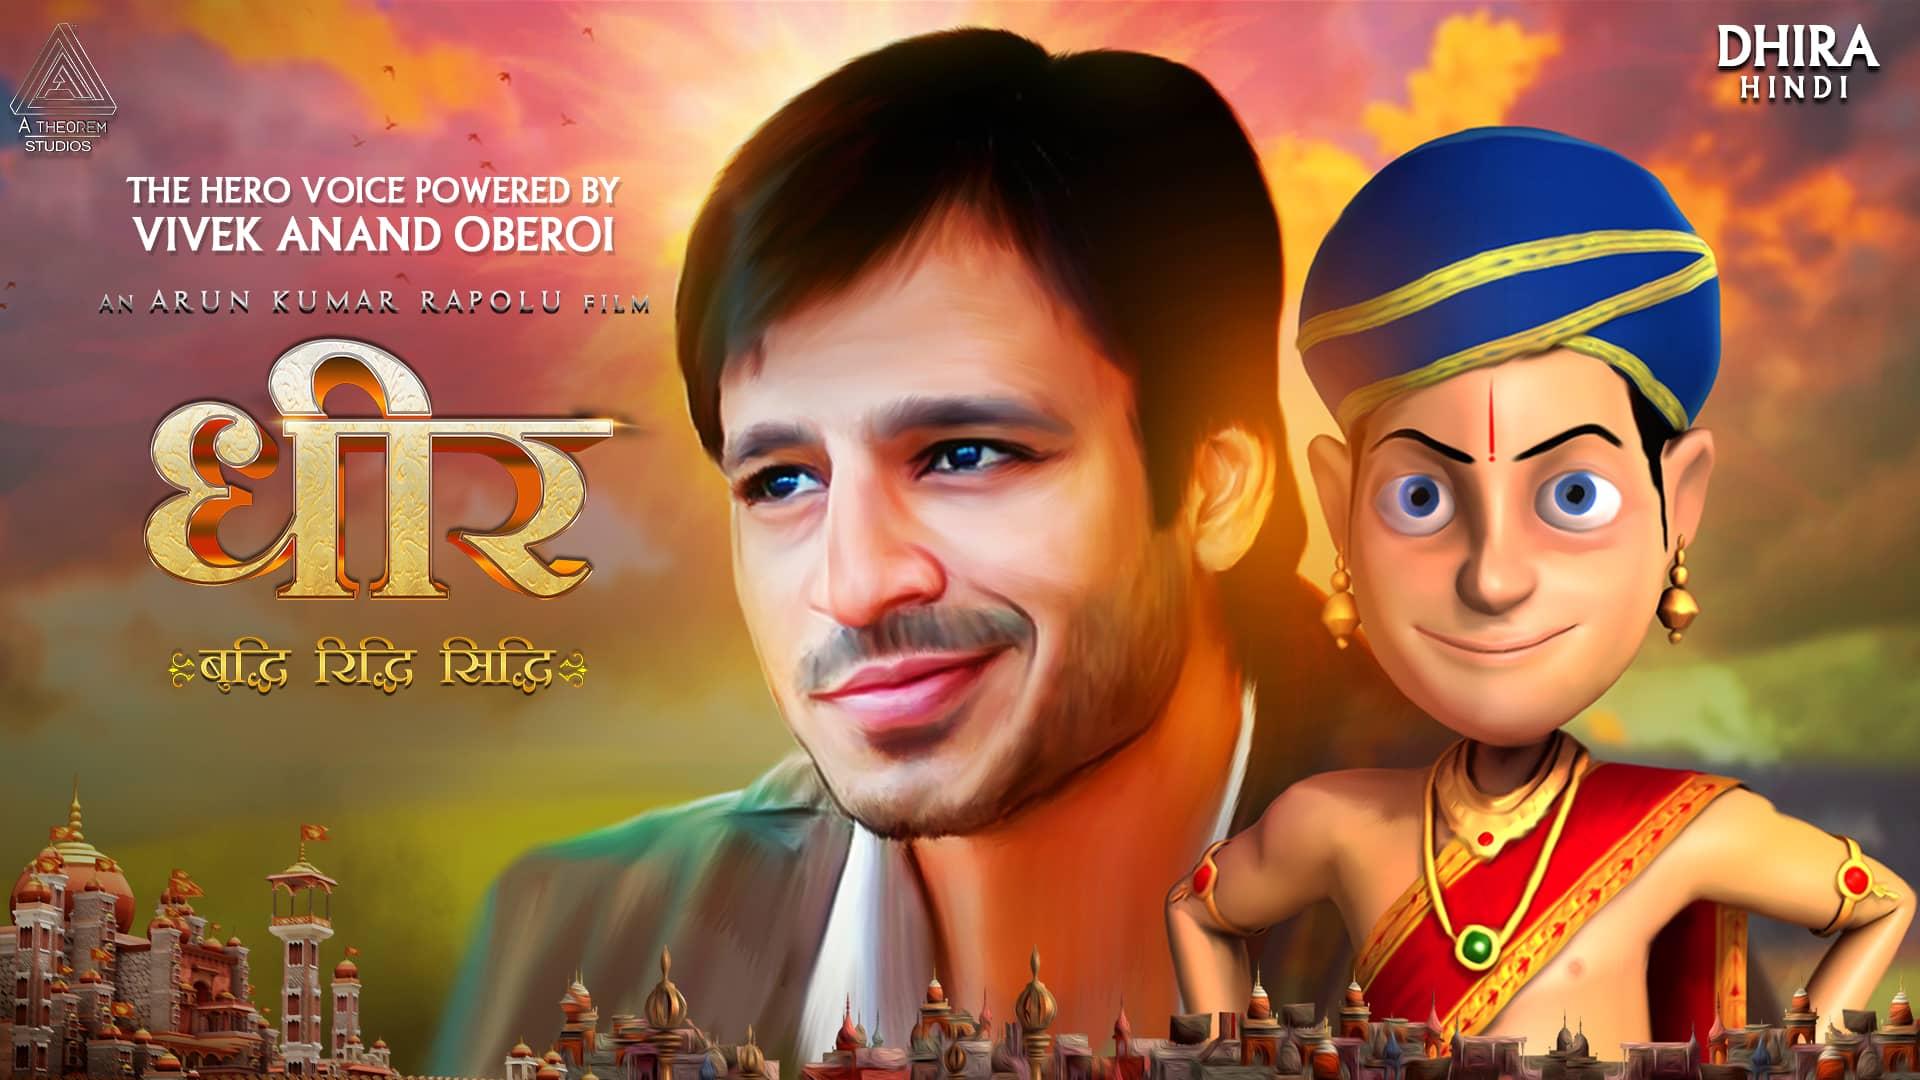 Dhira (Hindi) Poster